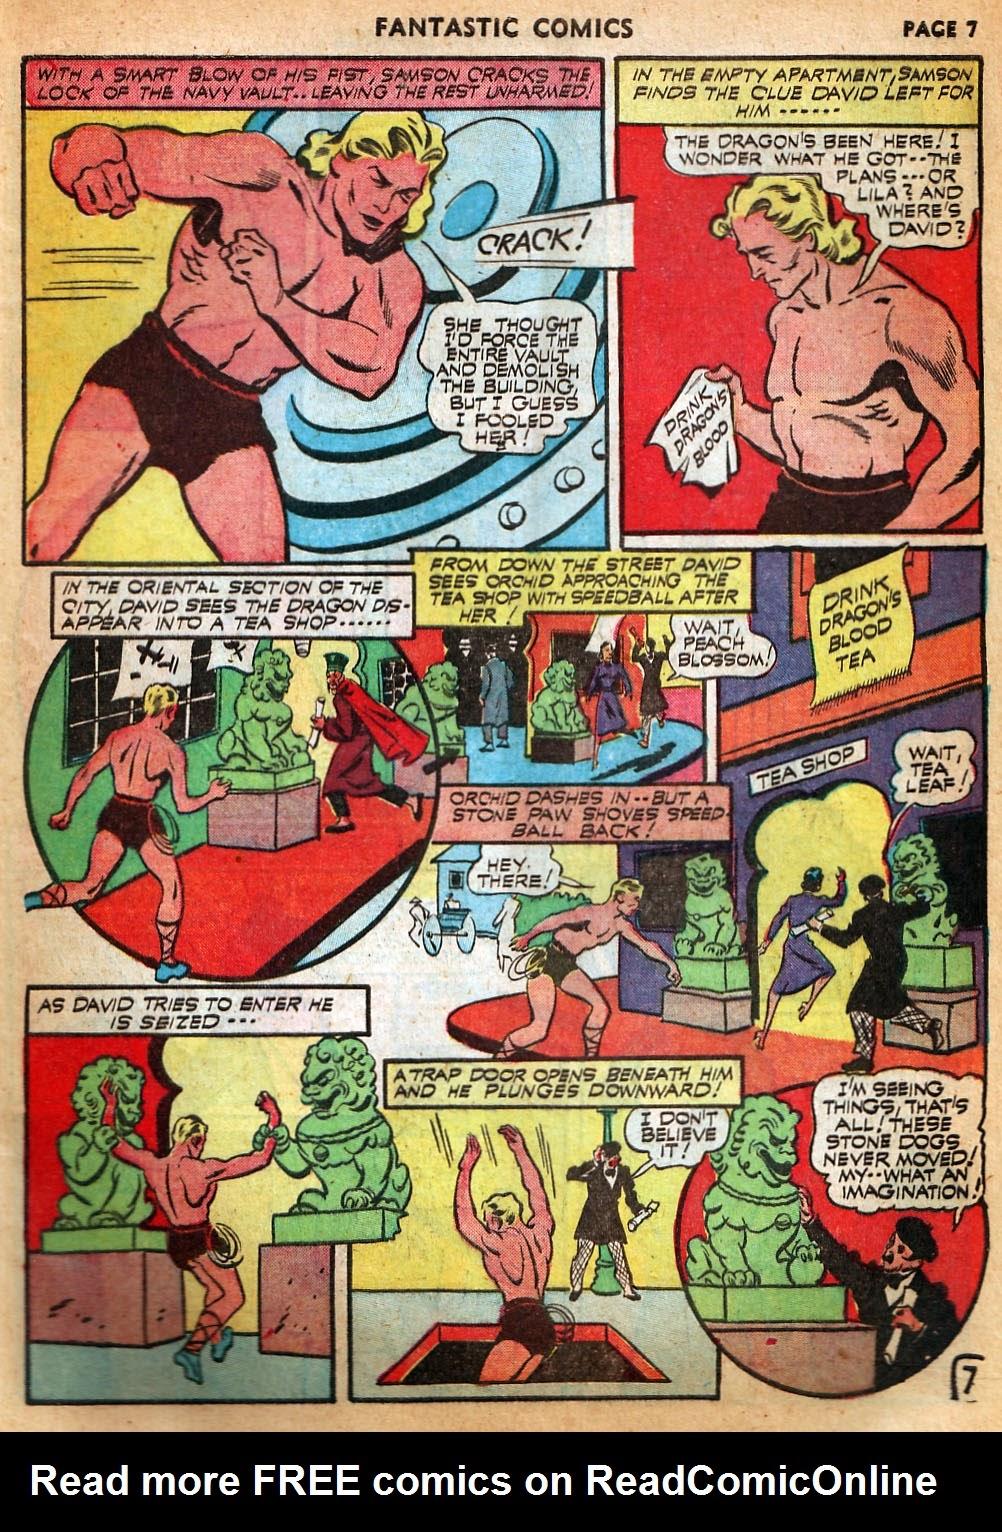 Read online Fantastic Comics comic -  Issue #22 - 9